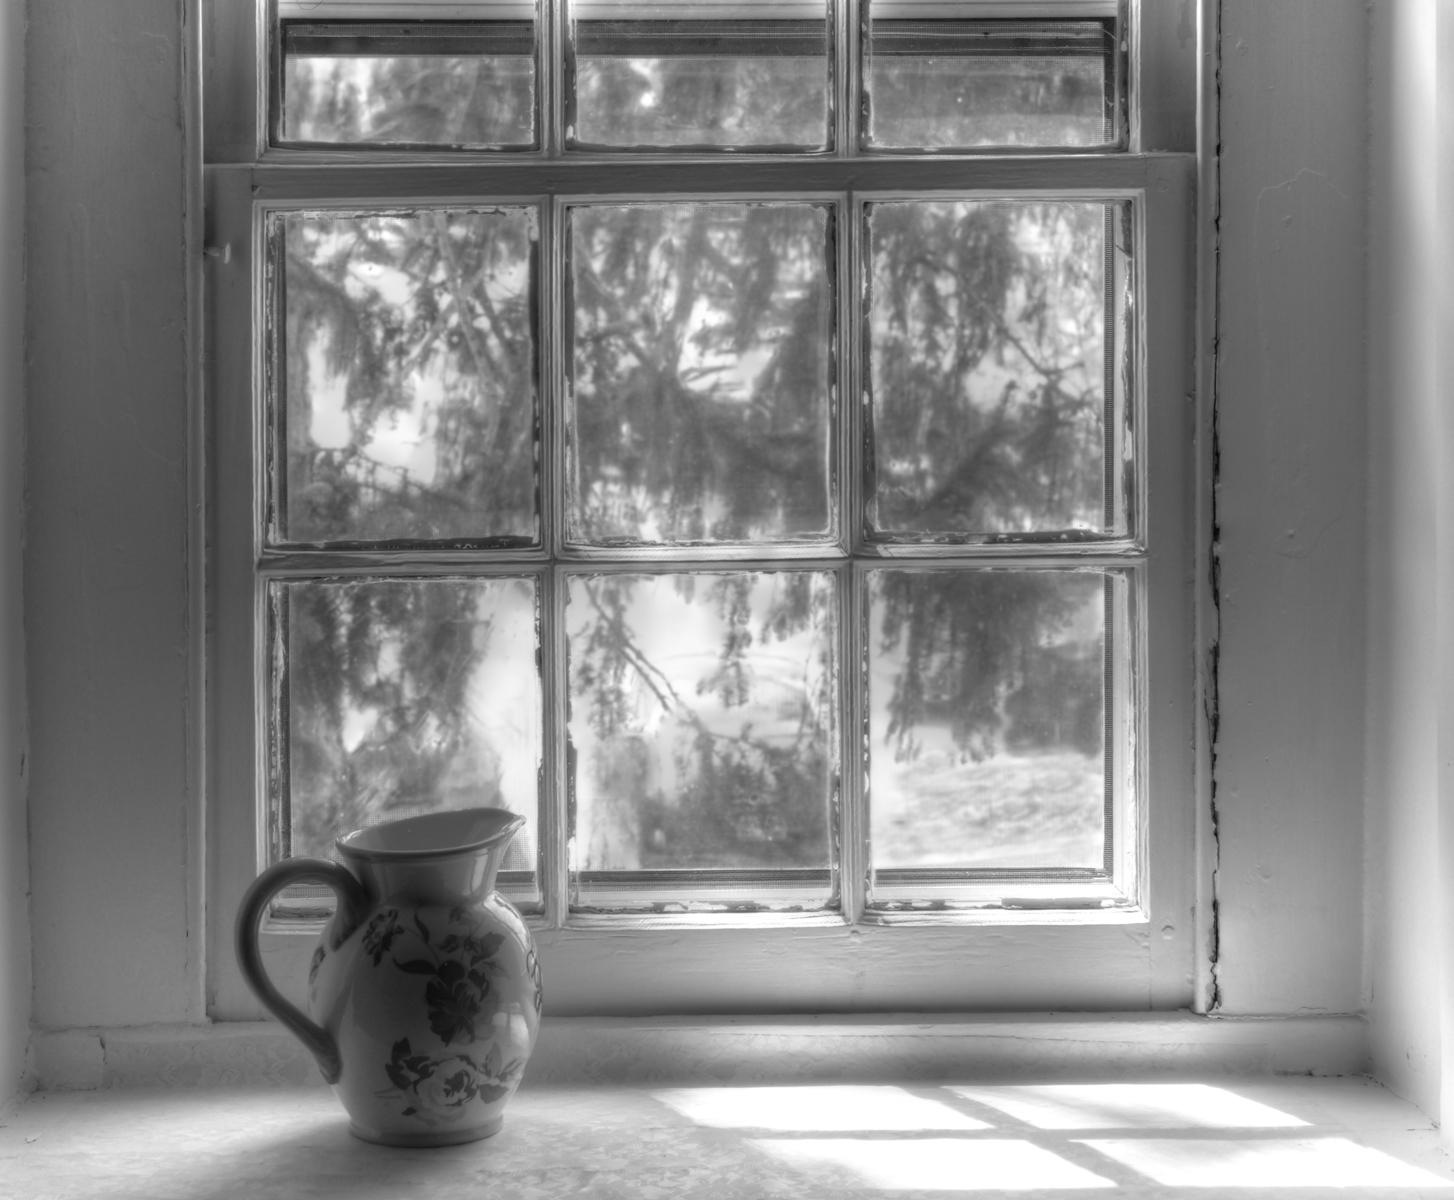 Pitcher-in-Window-MI-1-Place-by-Steve-Kessler-PE